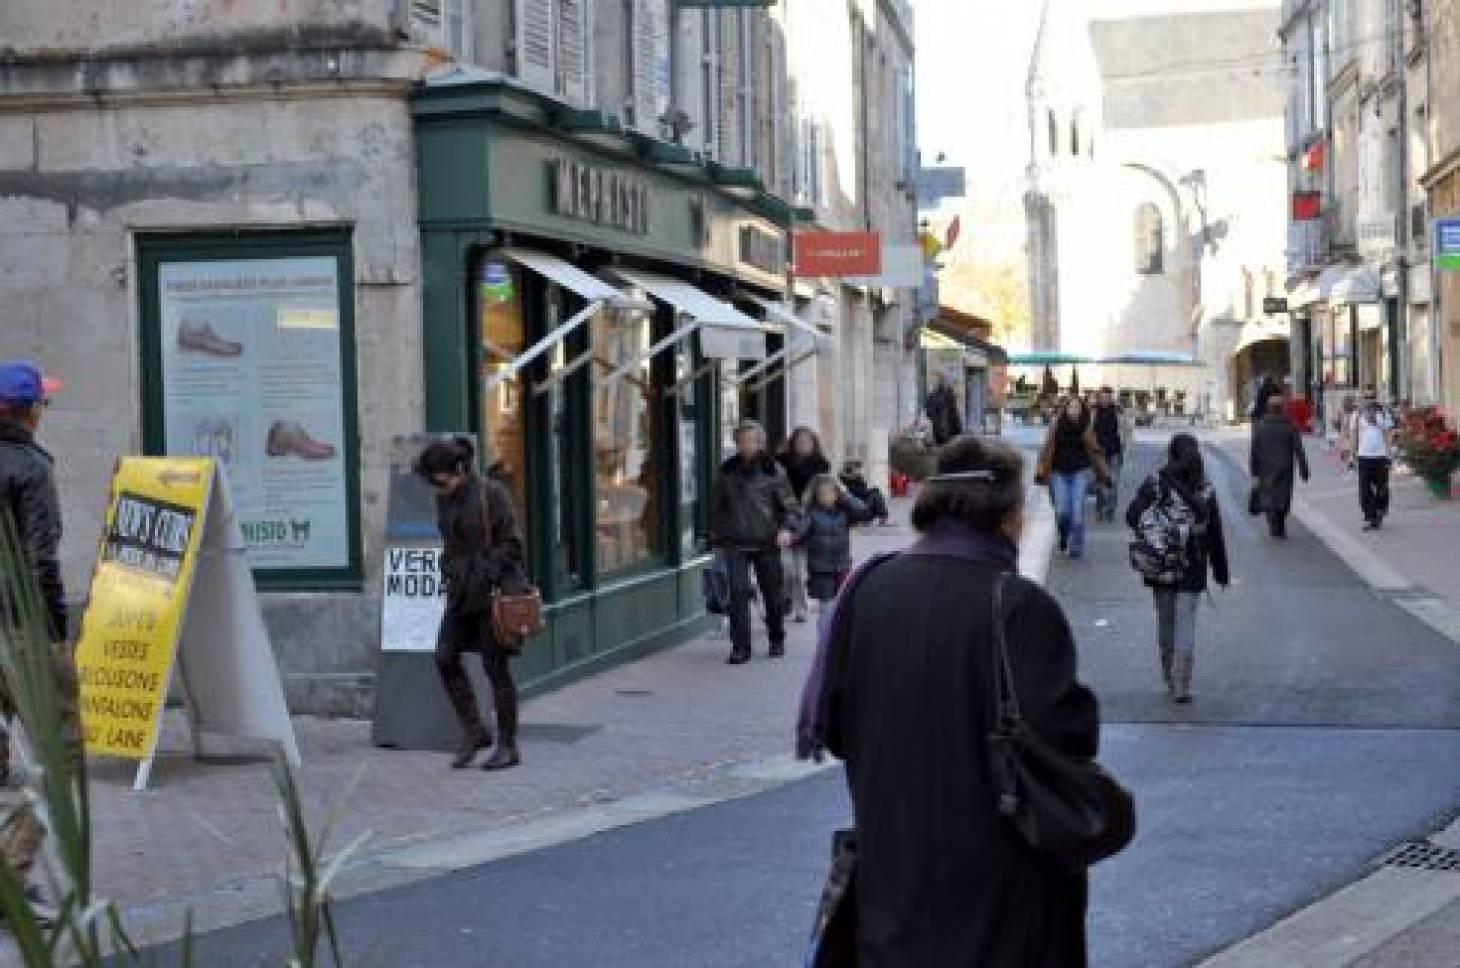 Commerces : Le centre-ville en débats